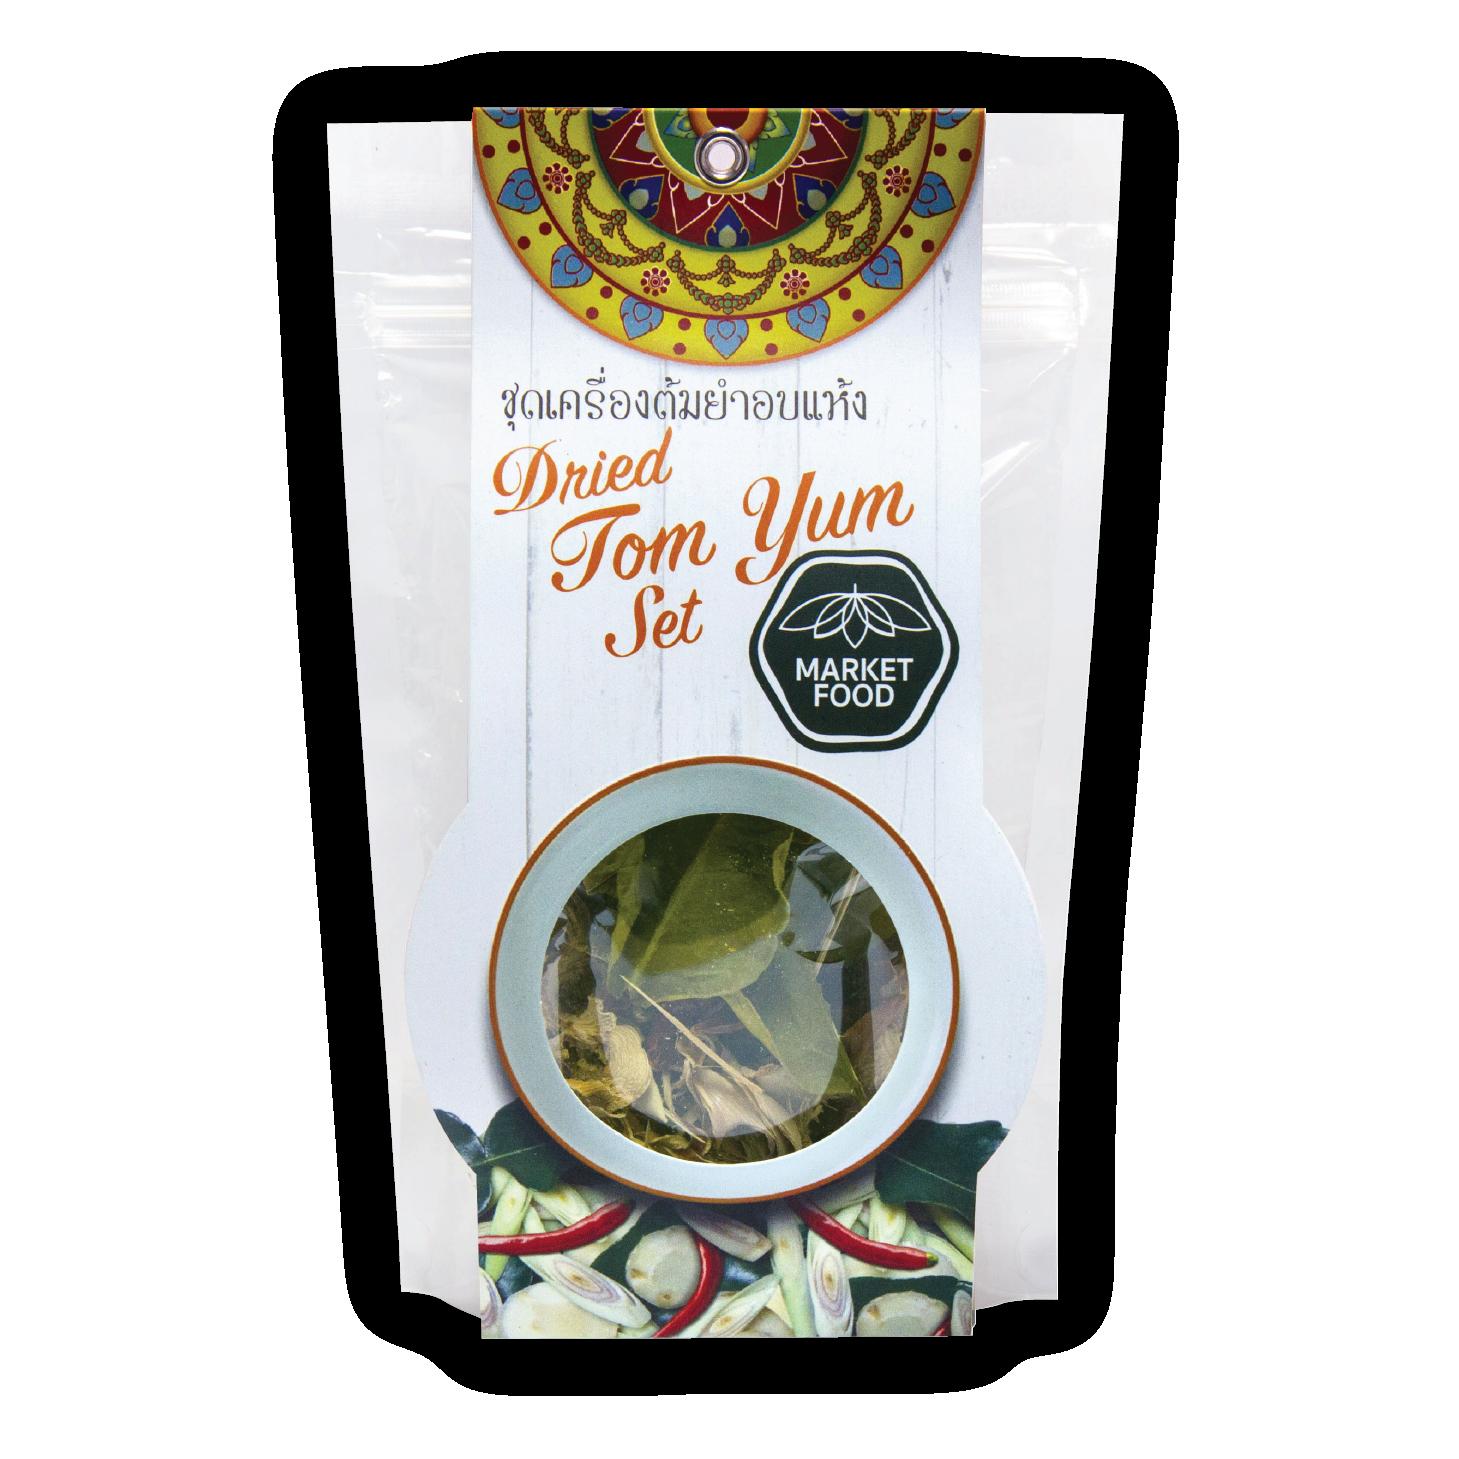 Dried Tom Yum Set